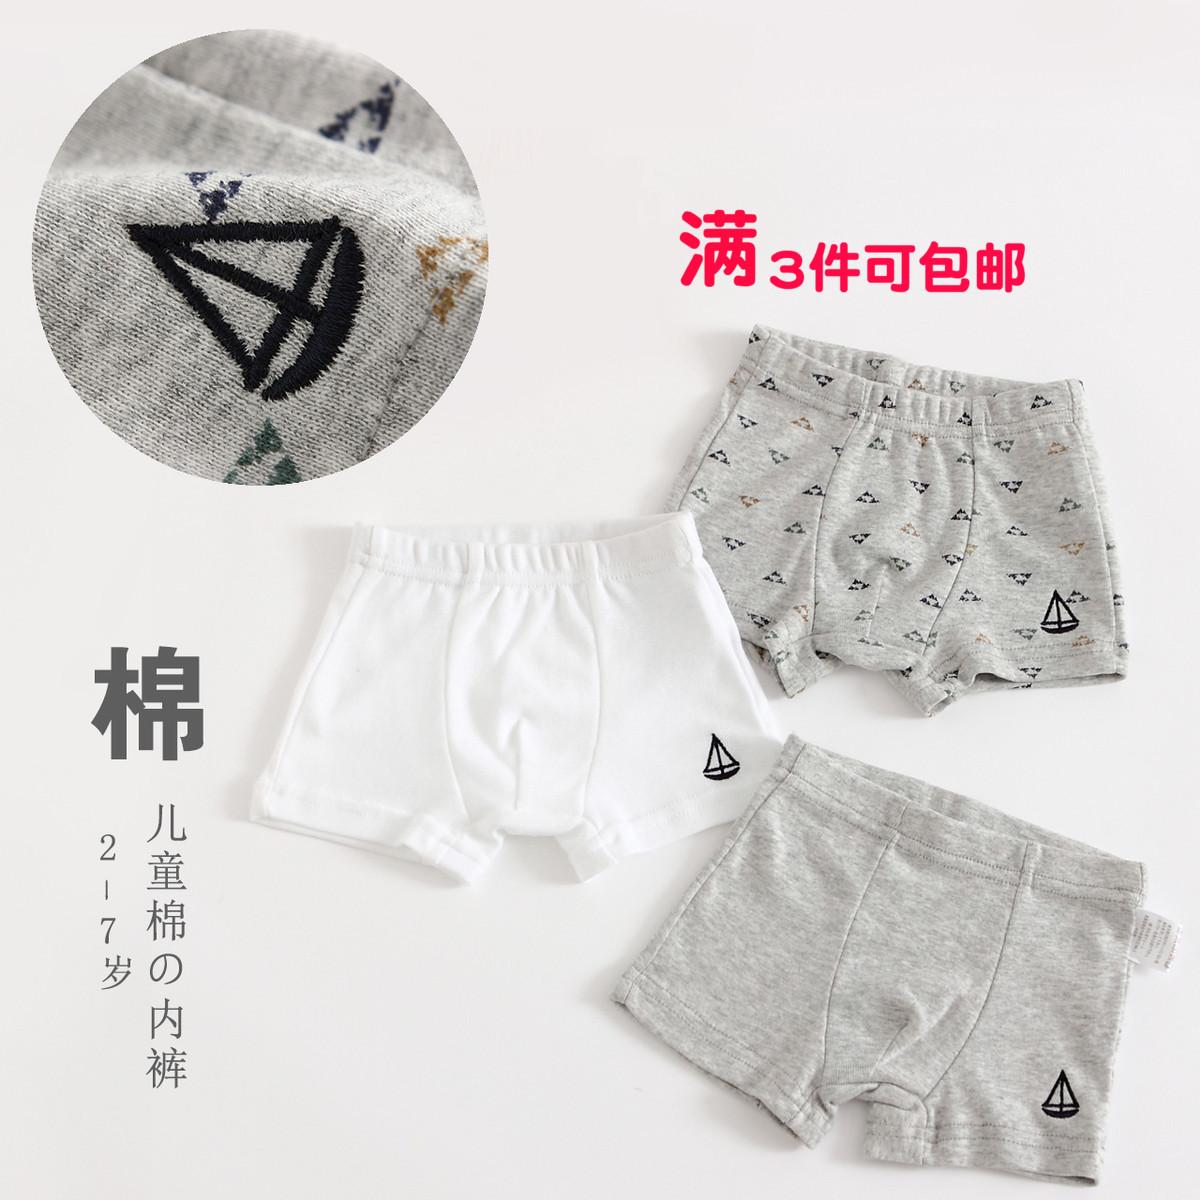 Đồ lót trẻ em nam boxer quần áo trẻ em mùa hè quần màu rắn bé quần cotton nam đồ lót mới